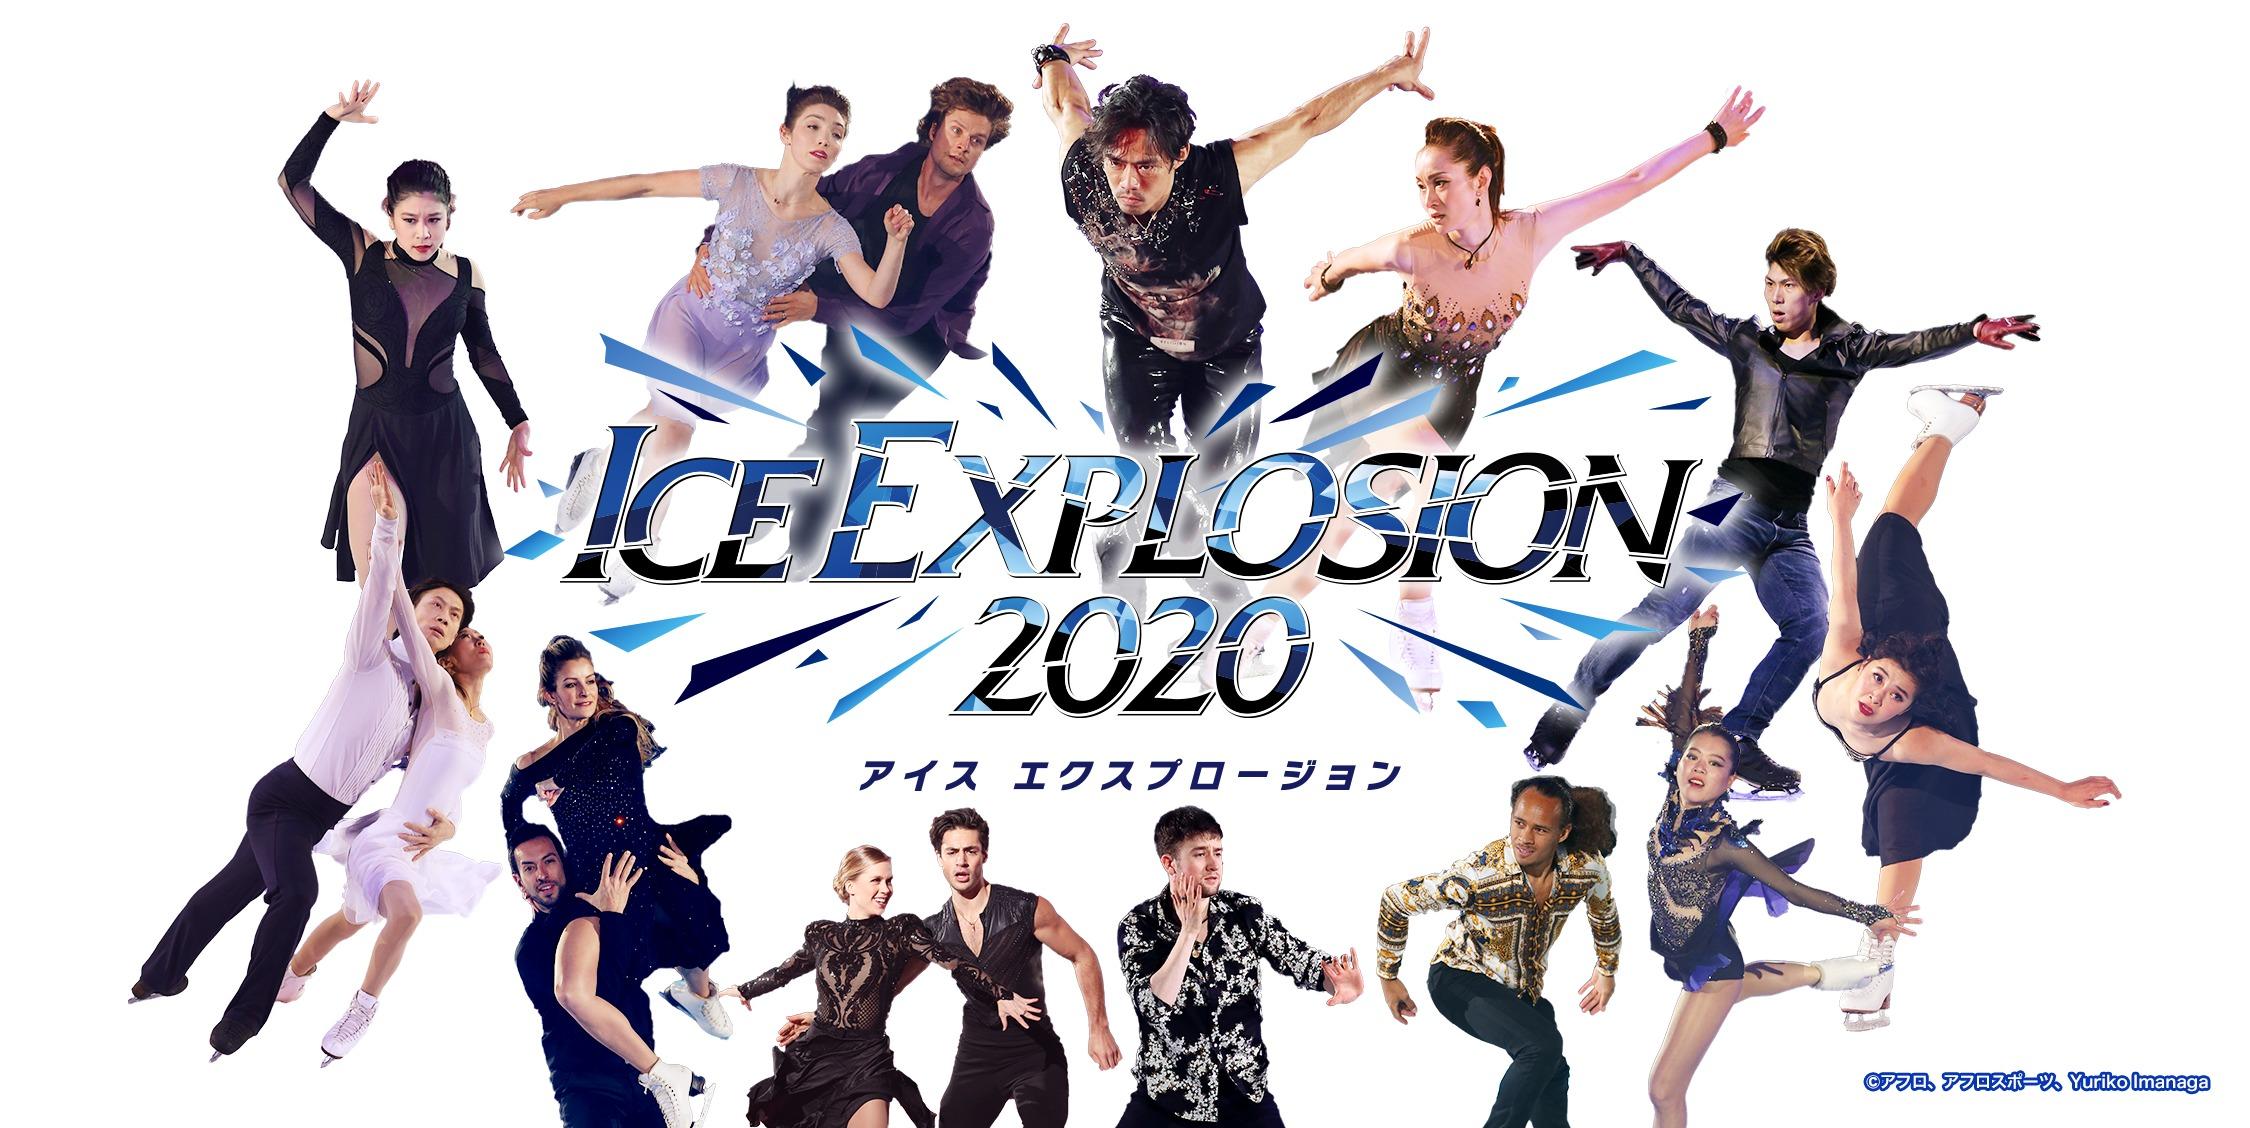 髙橋大輔、荒川静香、鈴木明子、村上佳菜子、田中刑事などによる新感覚アイスショー『ICE EXPLOSION 2020』